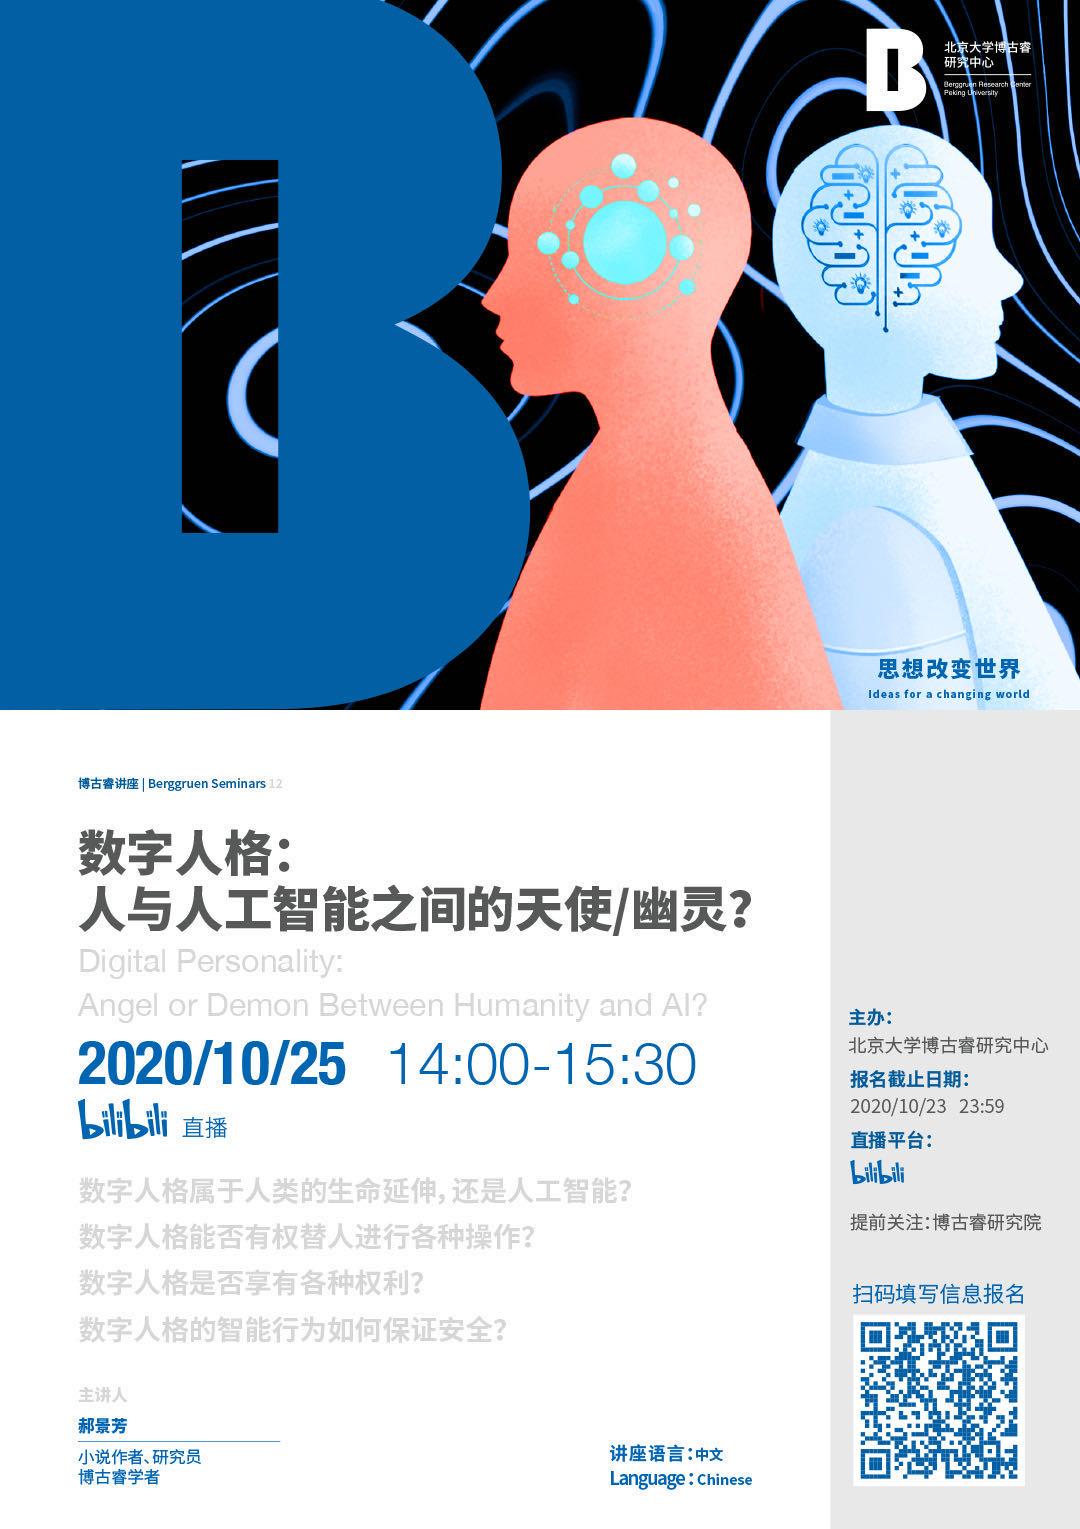 中文海报1.jpg